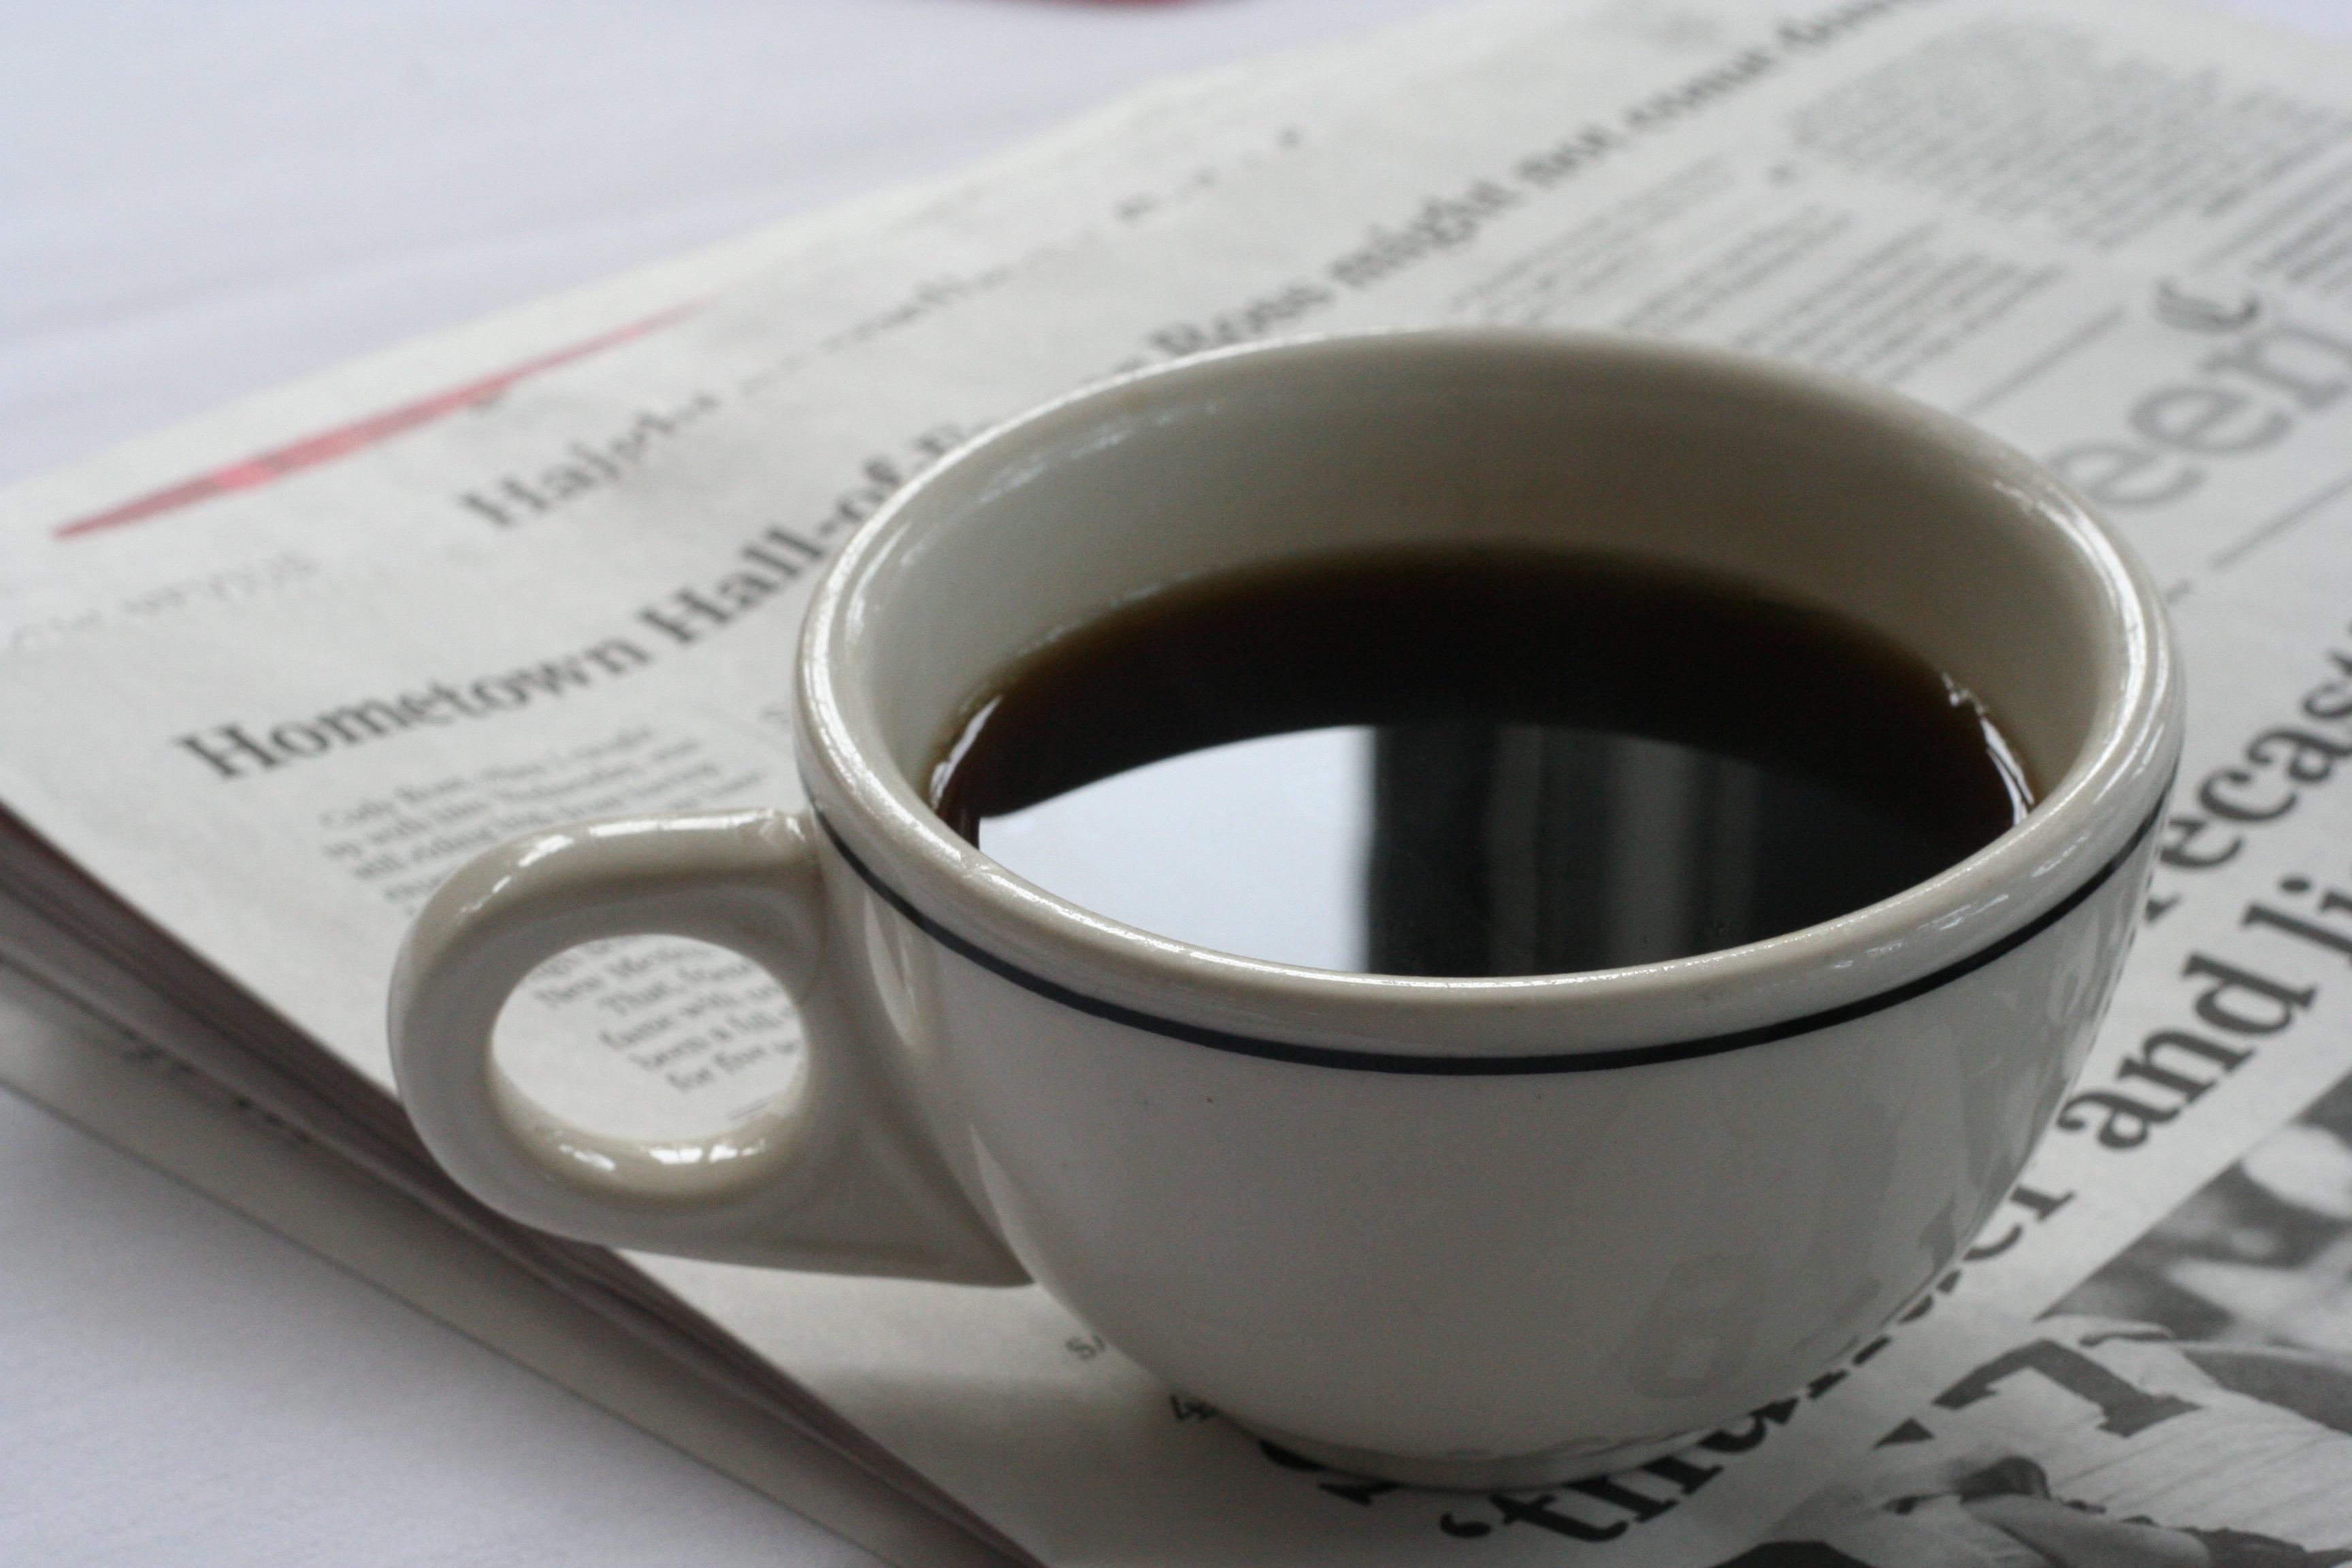 Breakfast @ Tuoi Tre News – April 8